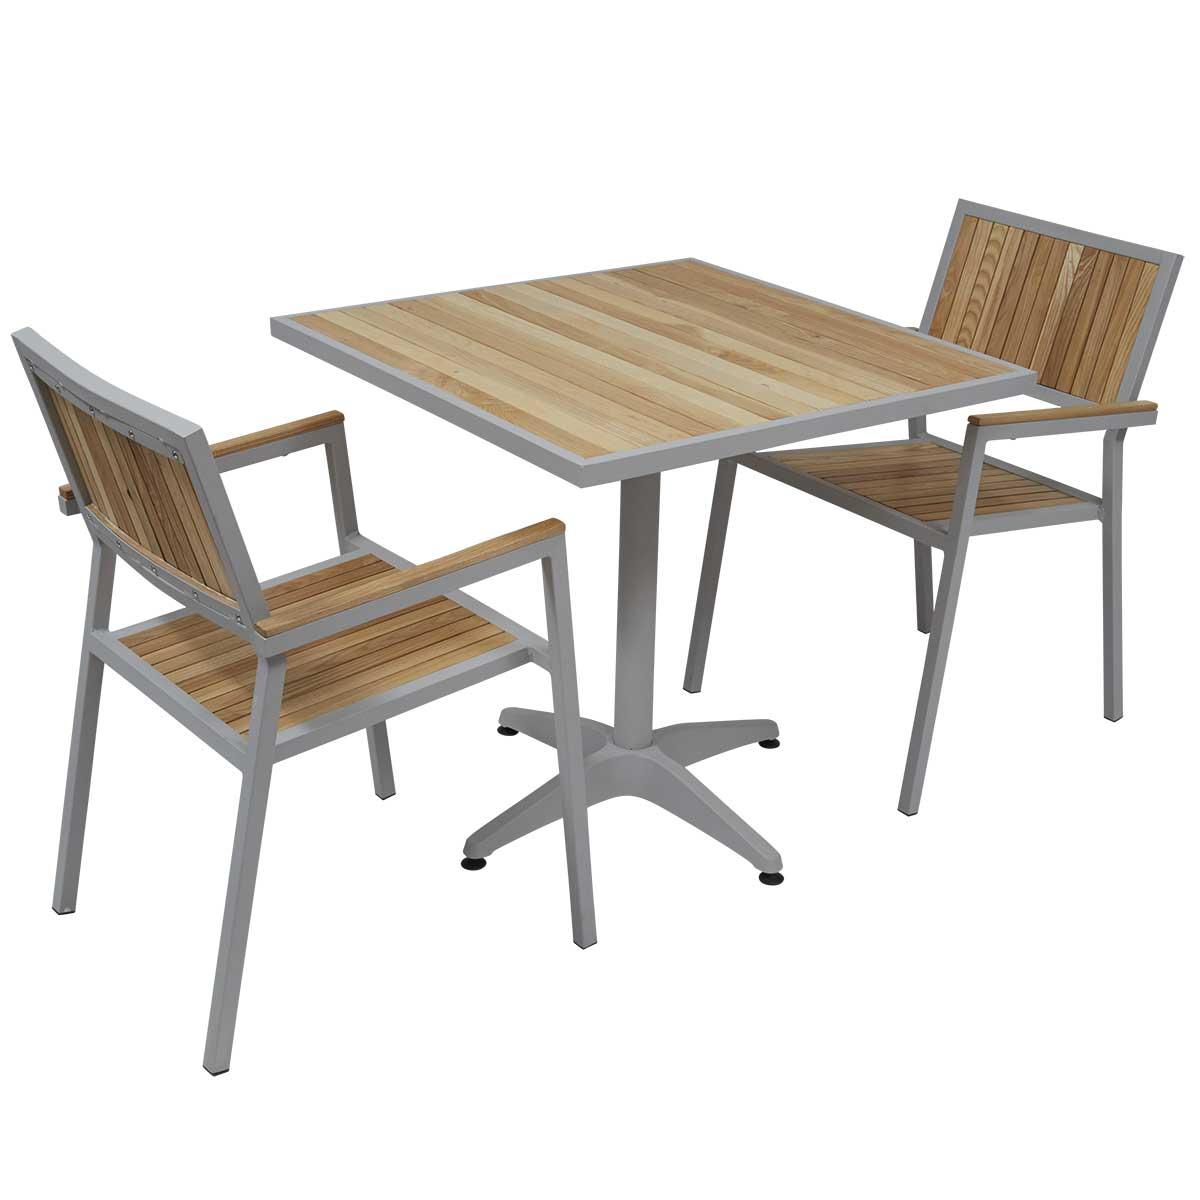 Table Exterieur En Bois Best Of Table Terrasse Pas Cher Of 28 Charmant Table Exterieur En Bois